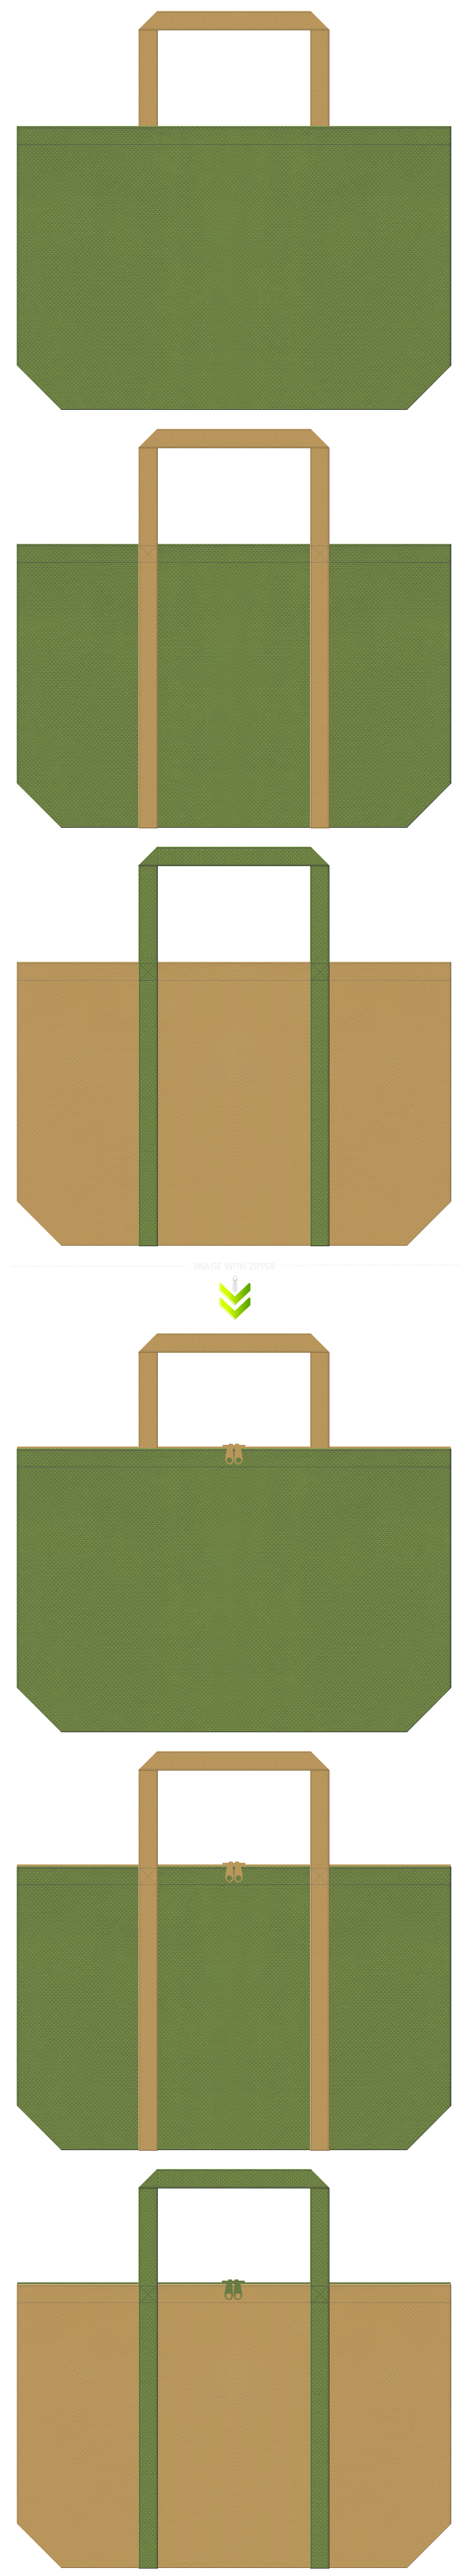 草色と金色系黄土色の不織布バッグデザイン。お城イベントのノベルティにお奨めです。